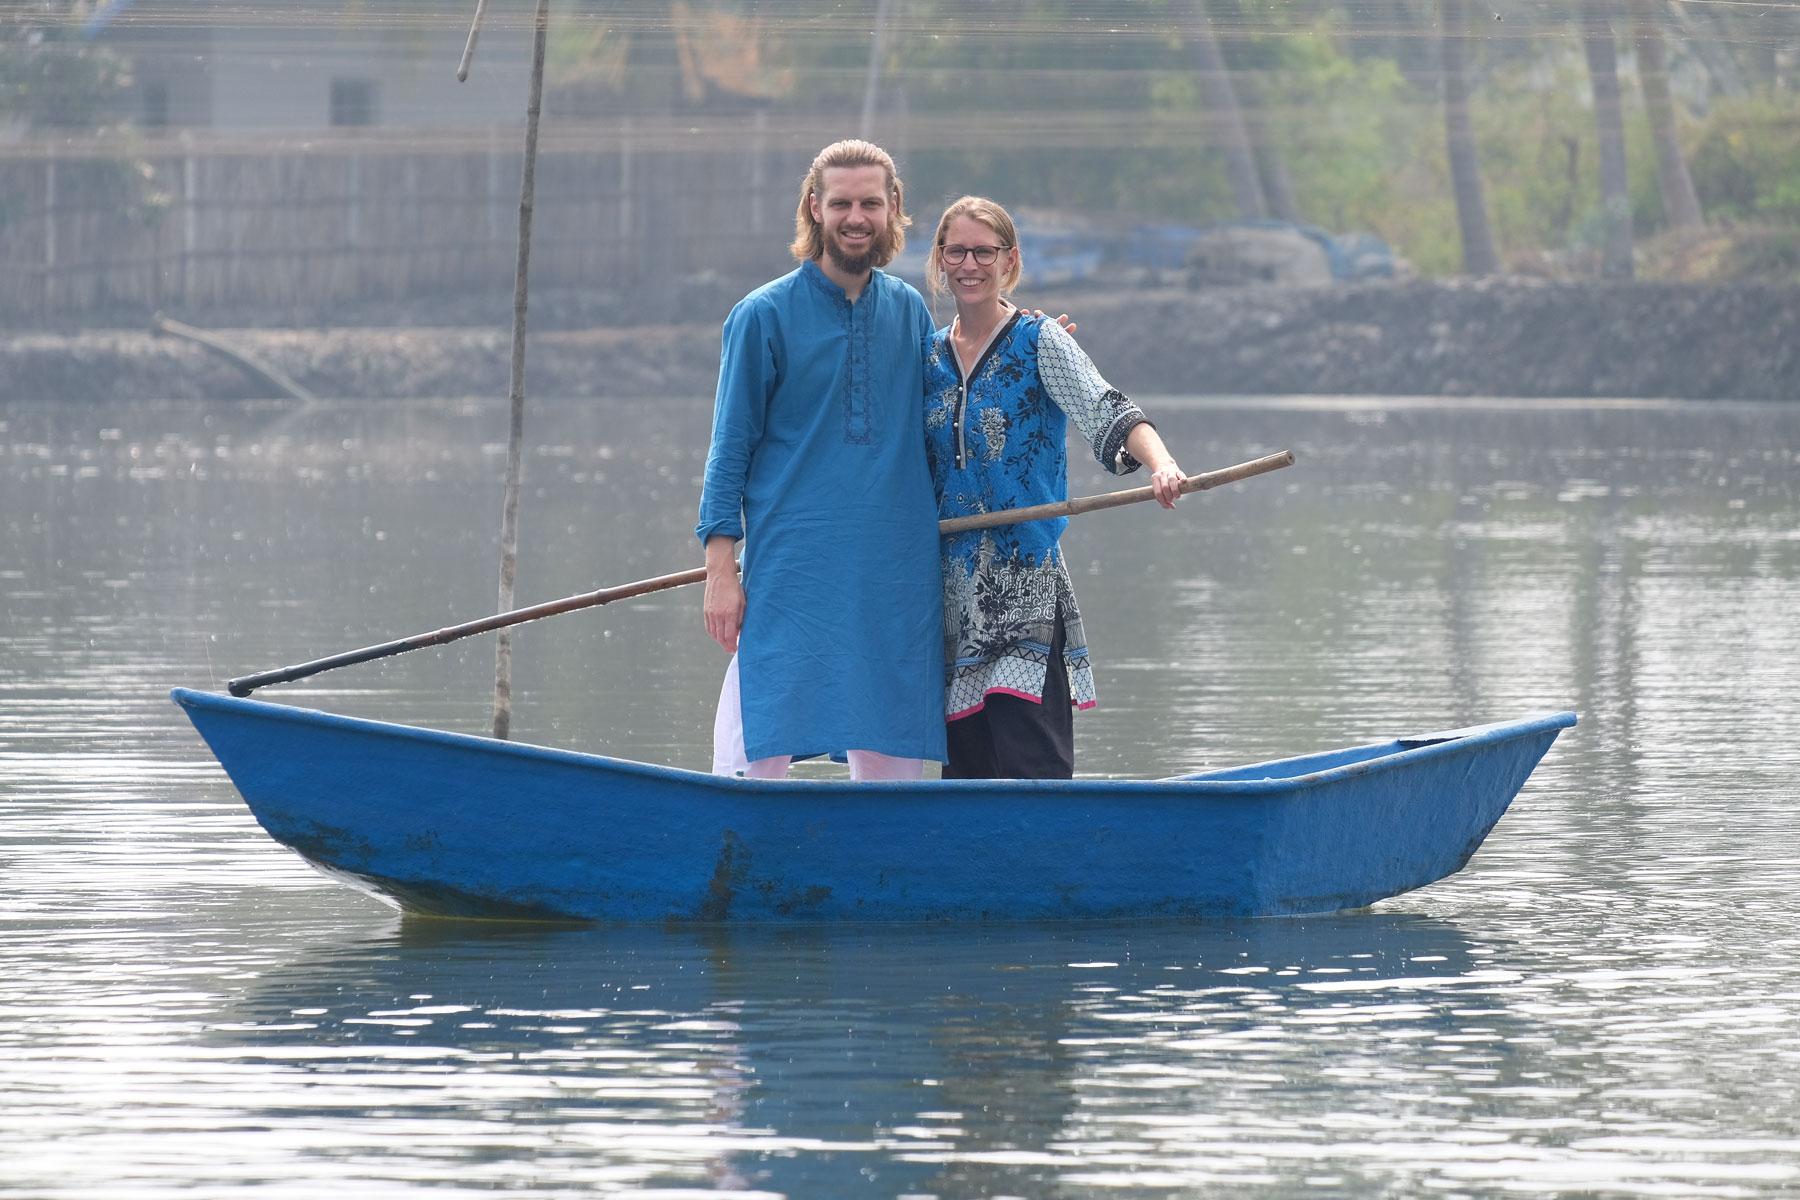 Sebastian und Leo stehen in einem Boot auf einem See. Leo hält einen langen Stock in der Hand.